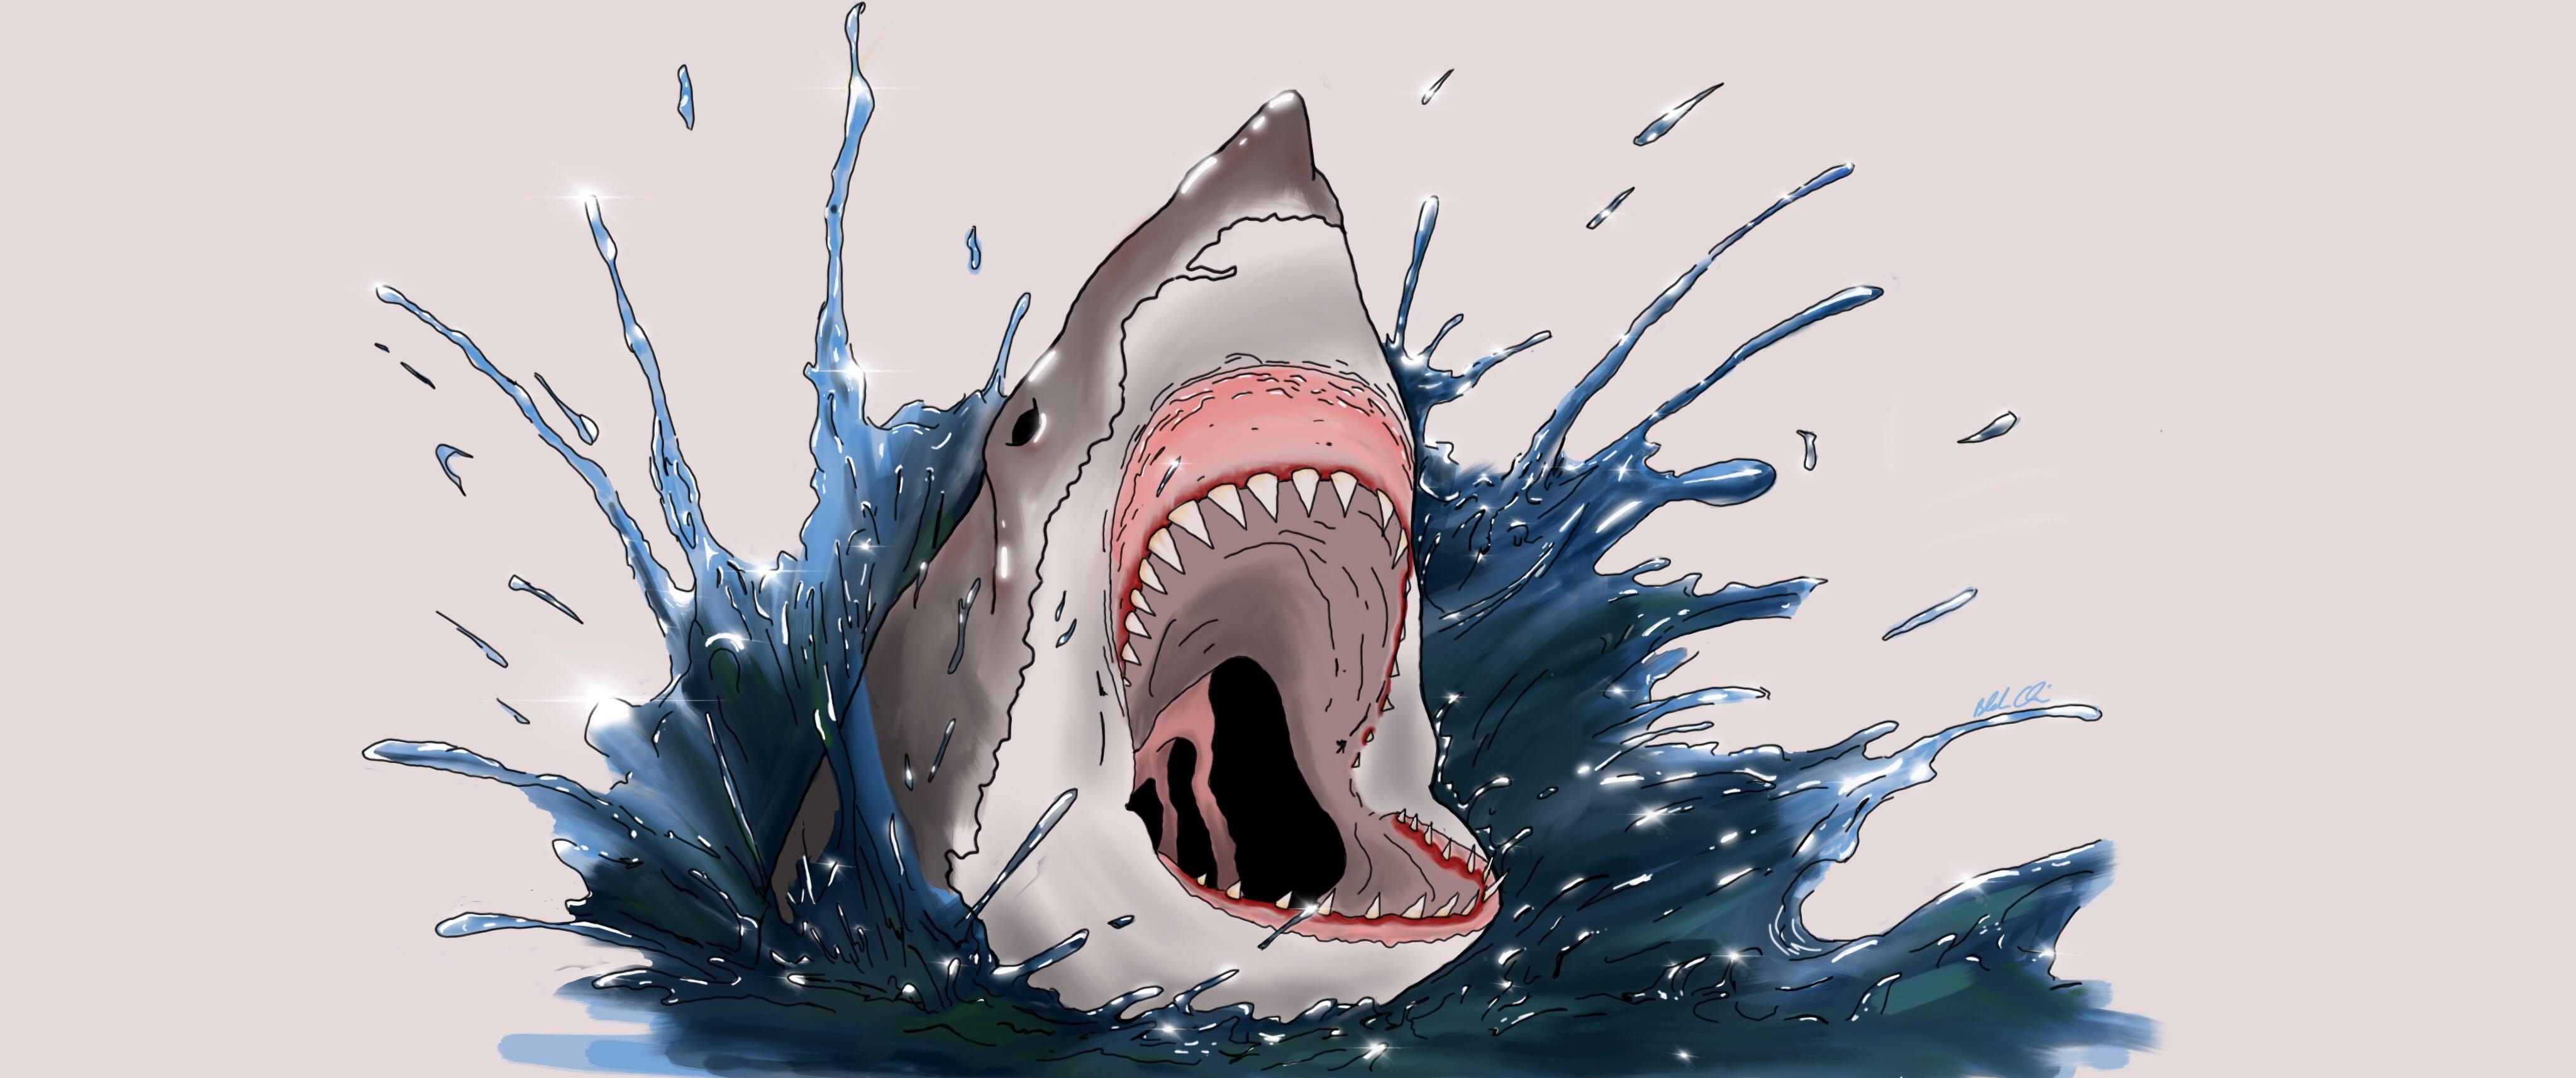 Dad, It's Shark Week!